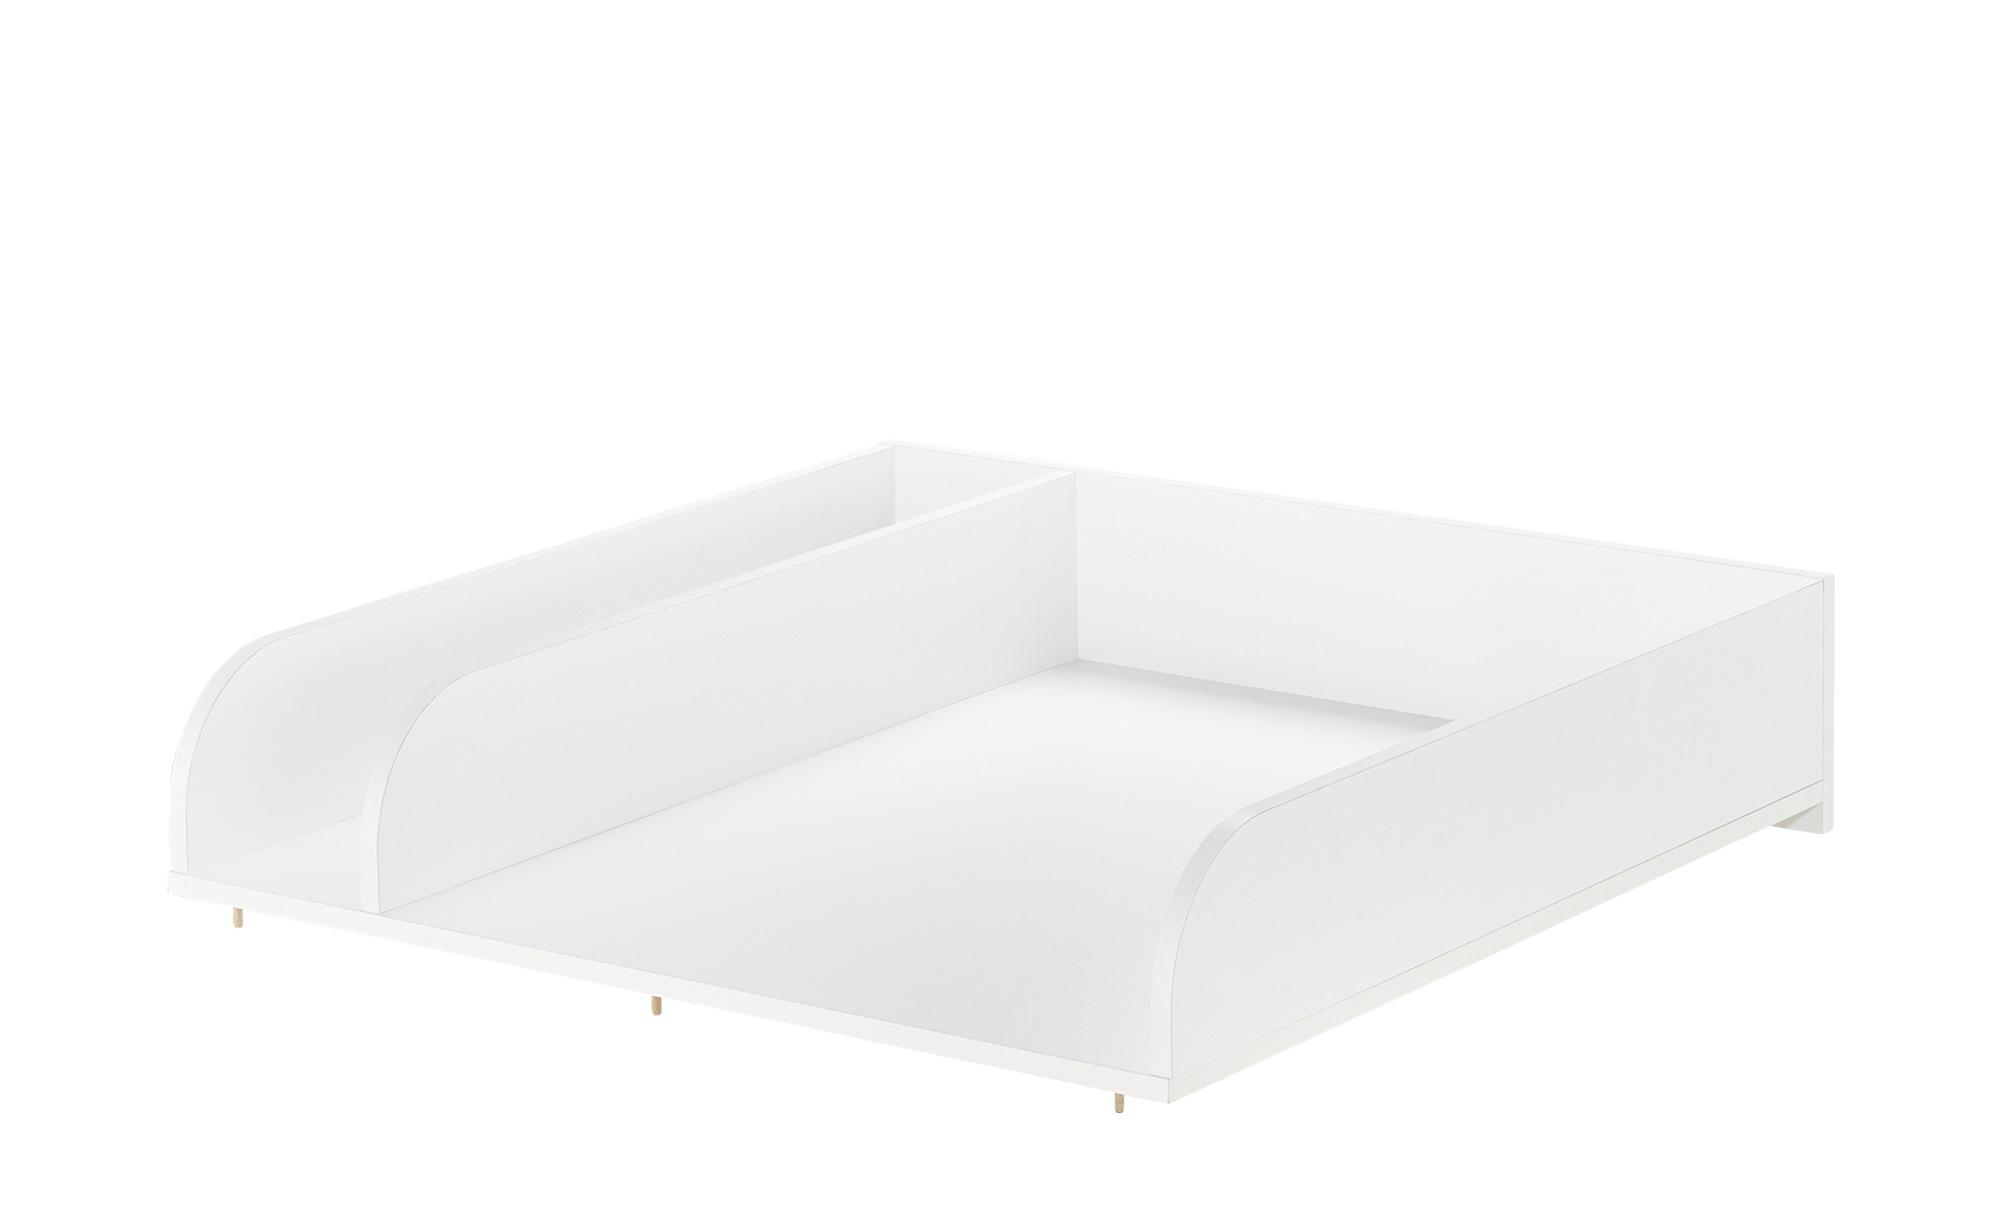 Wickelplatte mit Ablagefach - weiß - 80 cm - 18 cm - 78 cm - Baby > Babymöbel > Wickelkommoden - Möbel Kraft | Kinderzimmer > Babymöbel > Wickelkommoden | Möbel Kraft